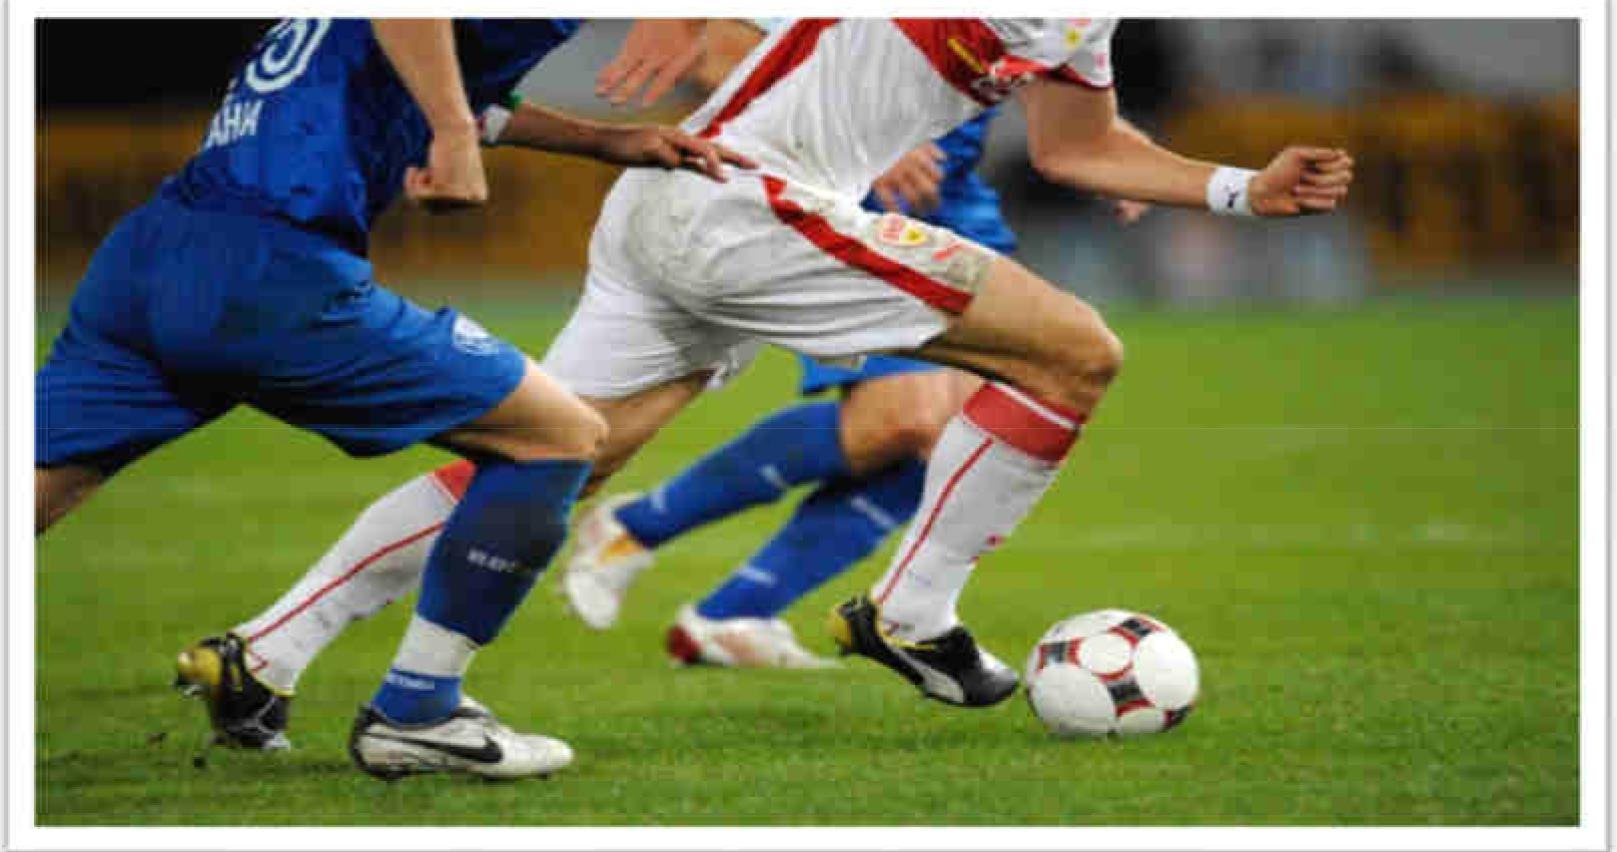 Iscrizioni campionati provinciali per la stagione 2018-2019